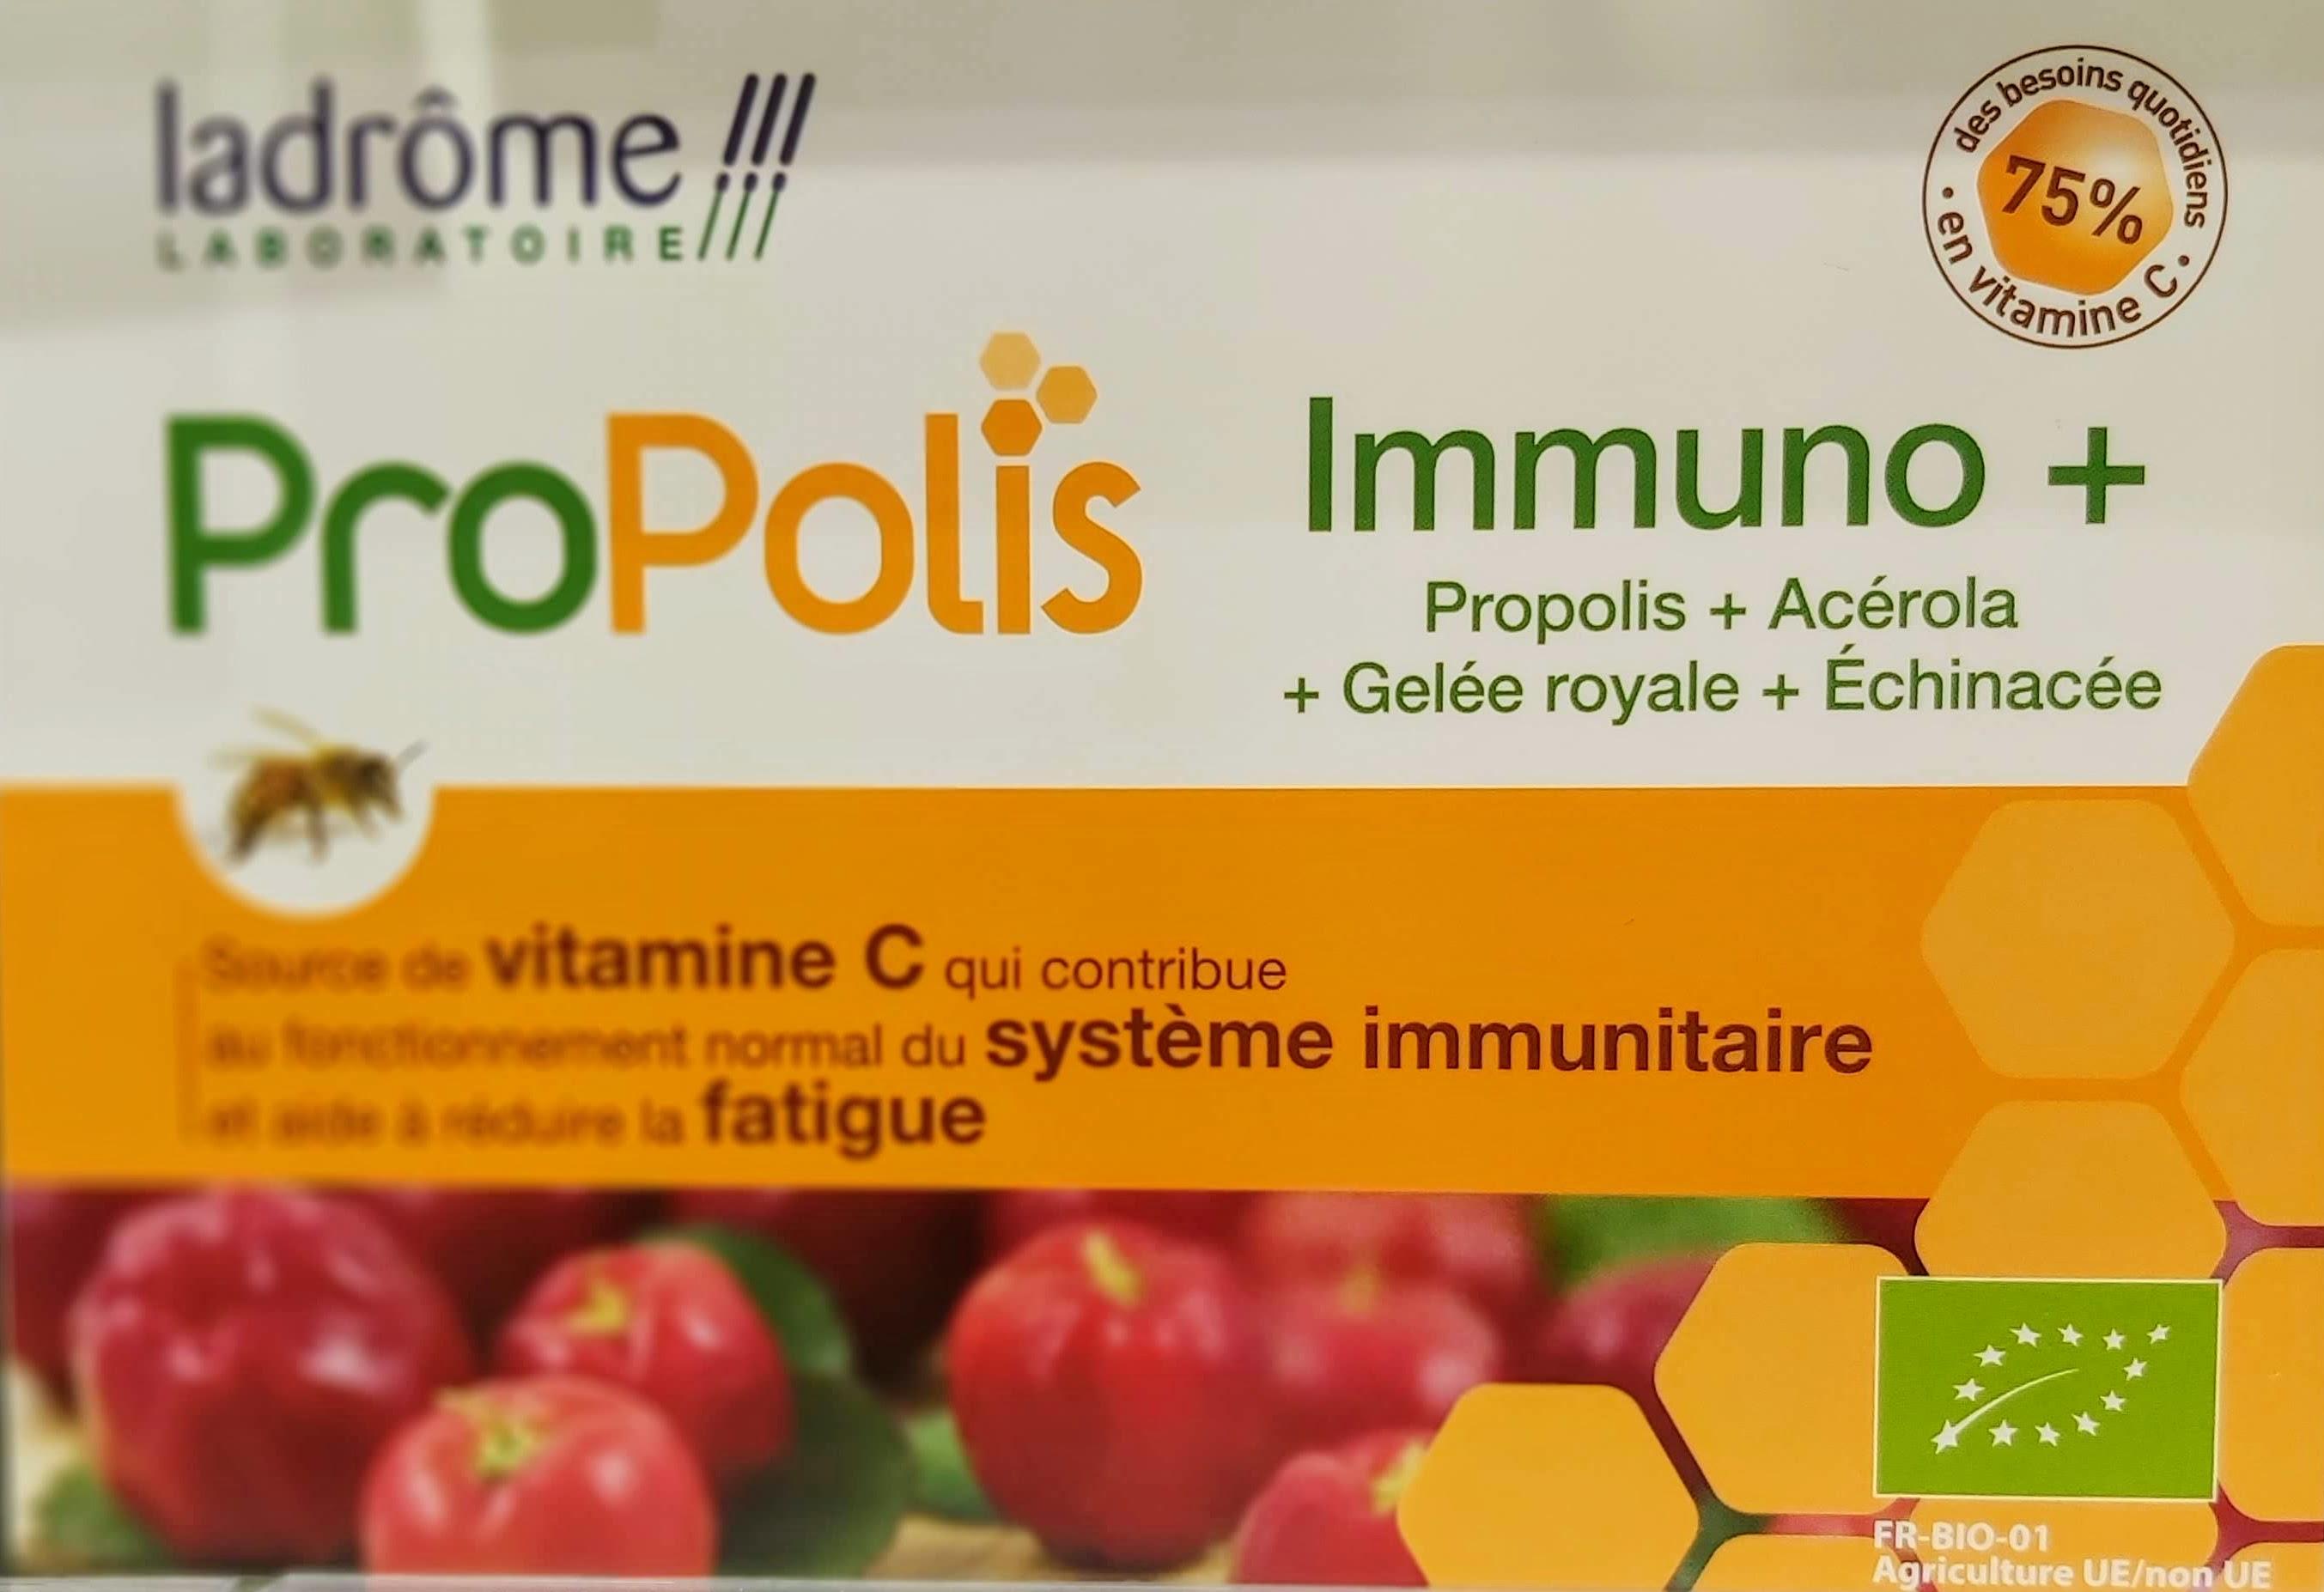 Les Bienfaits des Ampoules Immuno+ concentre les bienfaits de la nature en associant la propolis et la gelée royale, ingrédients précieux issus de la ruche, avec de l'extrait et du jus de plante fraîche d'échinacée pourpre. Il contient également de l'acérola, source de vitamine C naturelle qui favorise le bon fonctionnement des défenses immunitaires. Une ampoule d'IMMUNO+ apporte 75 % des besoins quotidiens en vitamine C.